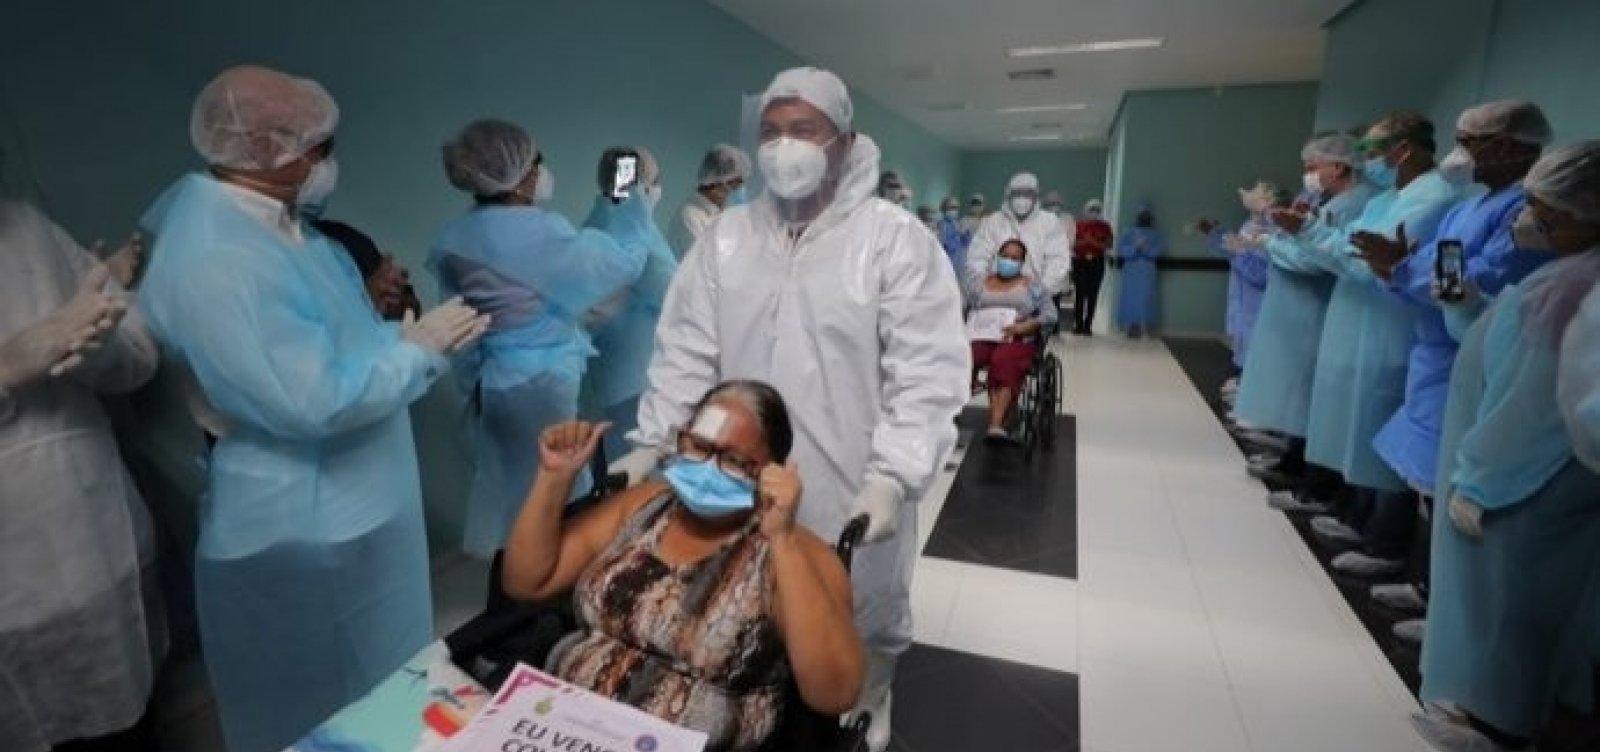 [Número de recuperados da Covid-19 é quase o triplo dos casos ativos em Salvador]